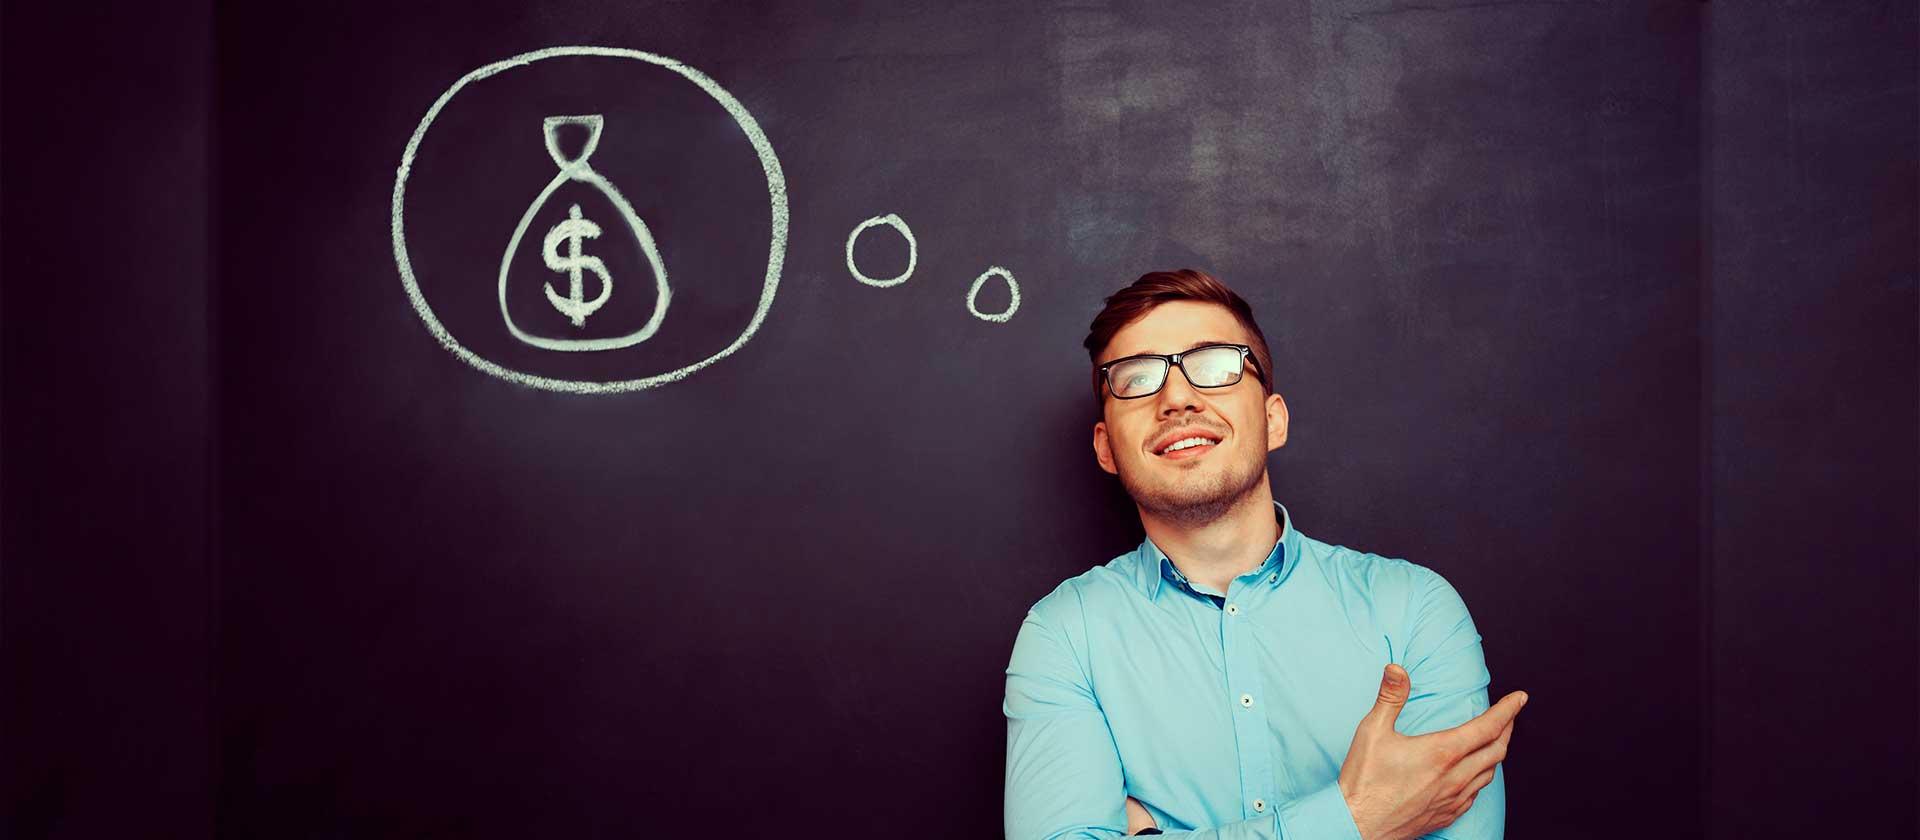 Las 7 personalidades del dinero según Ken Honda